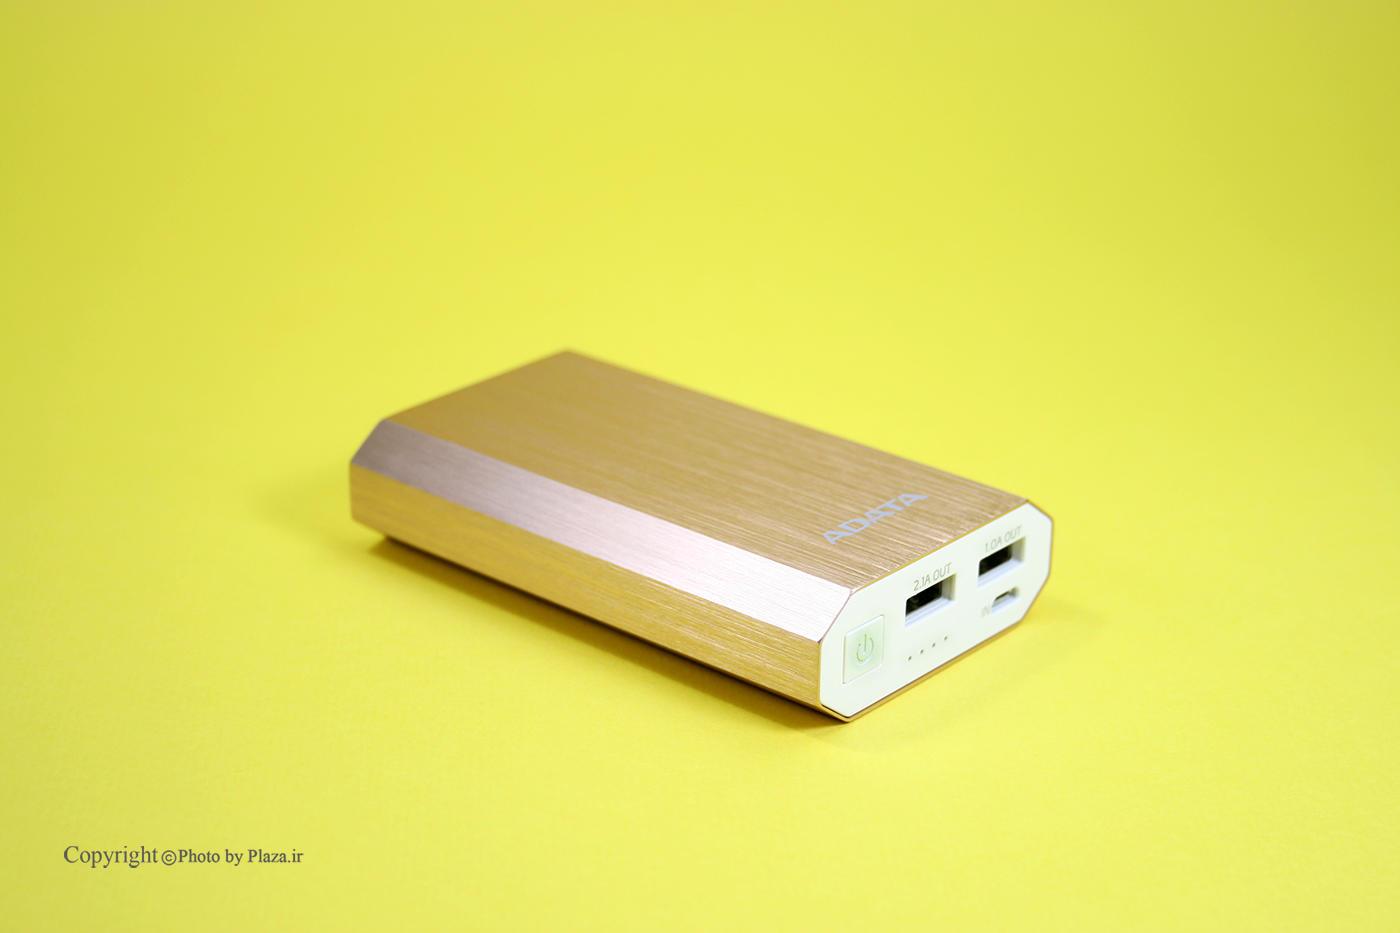 شارژر همراه ای دیتا مدل A10050